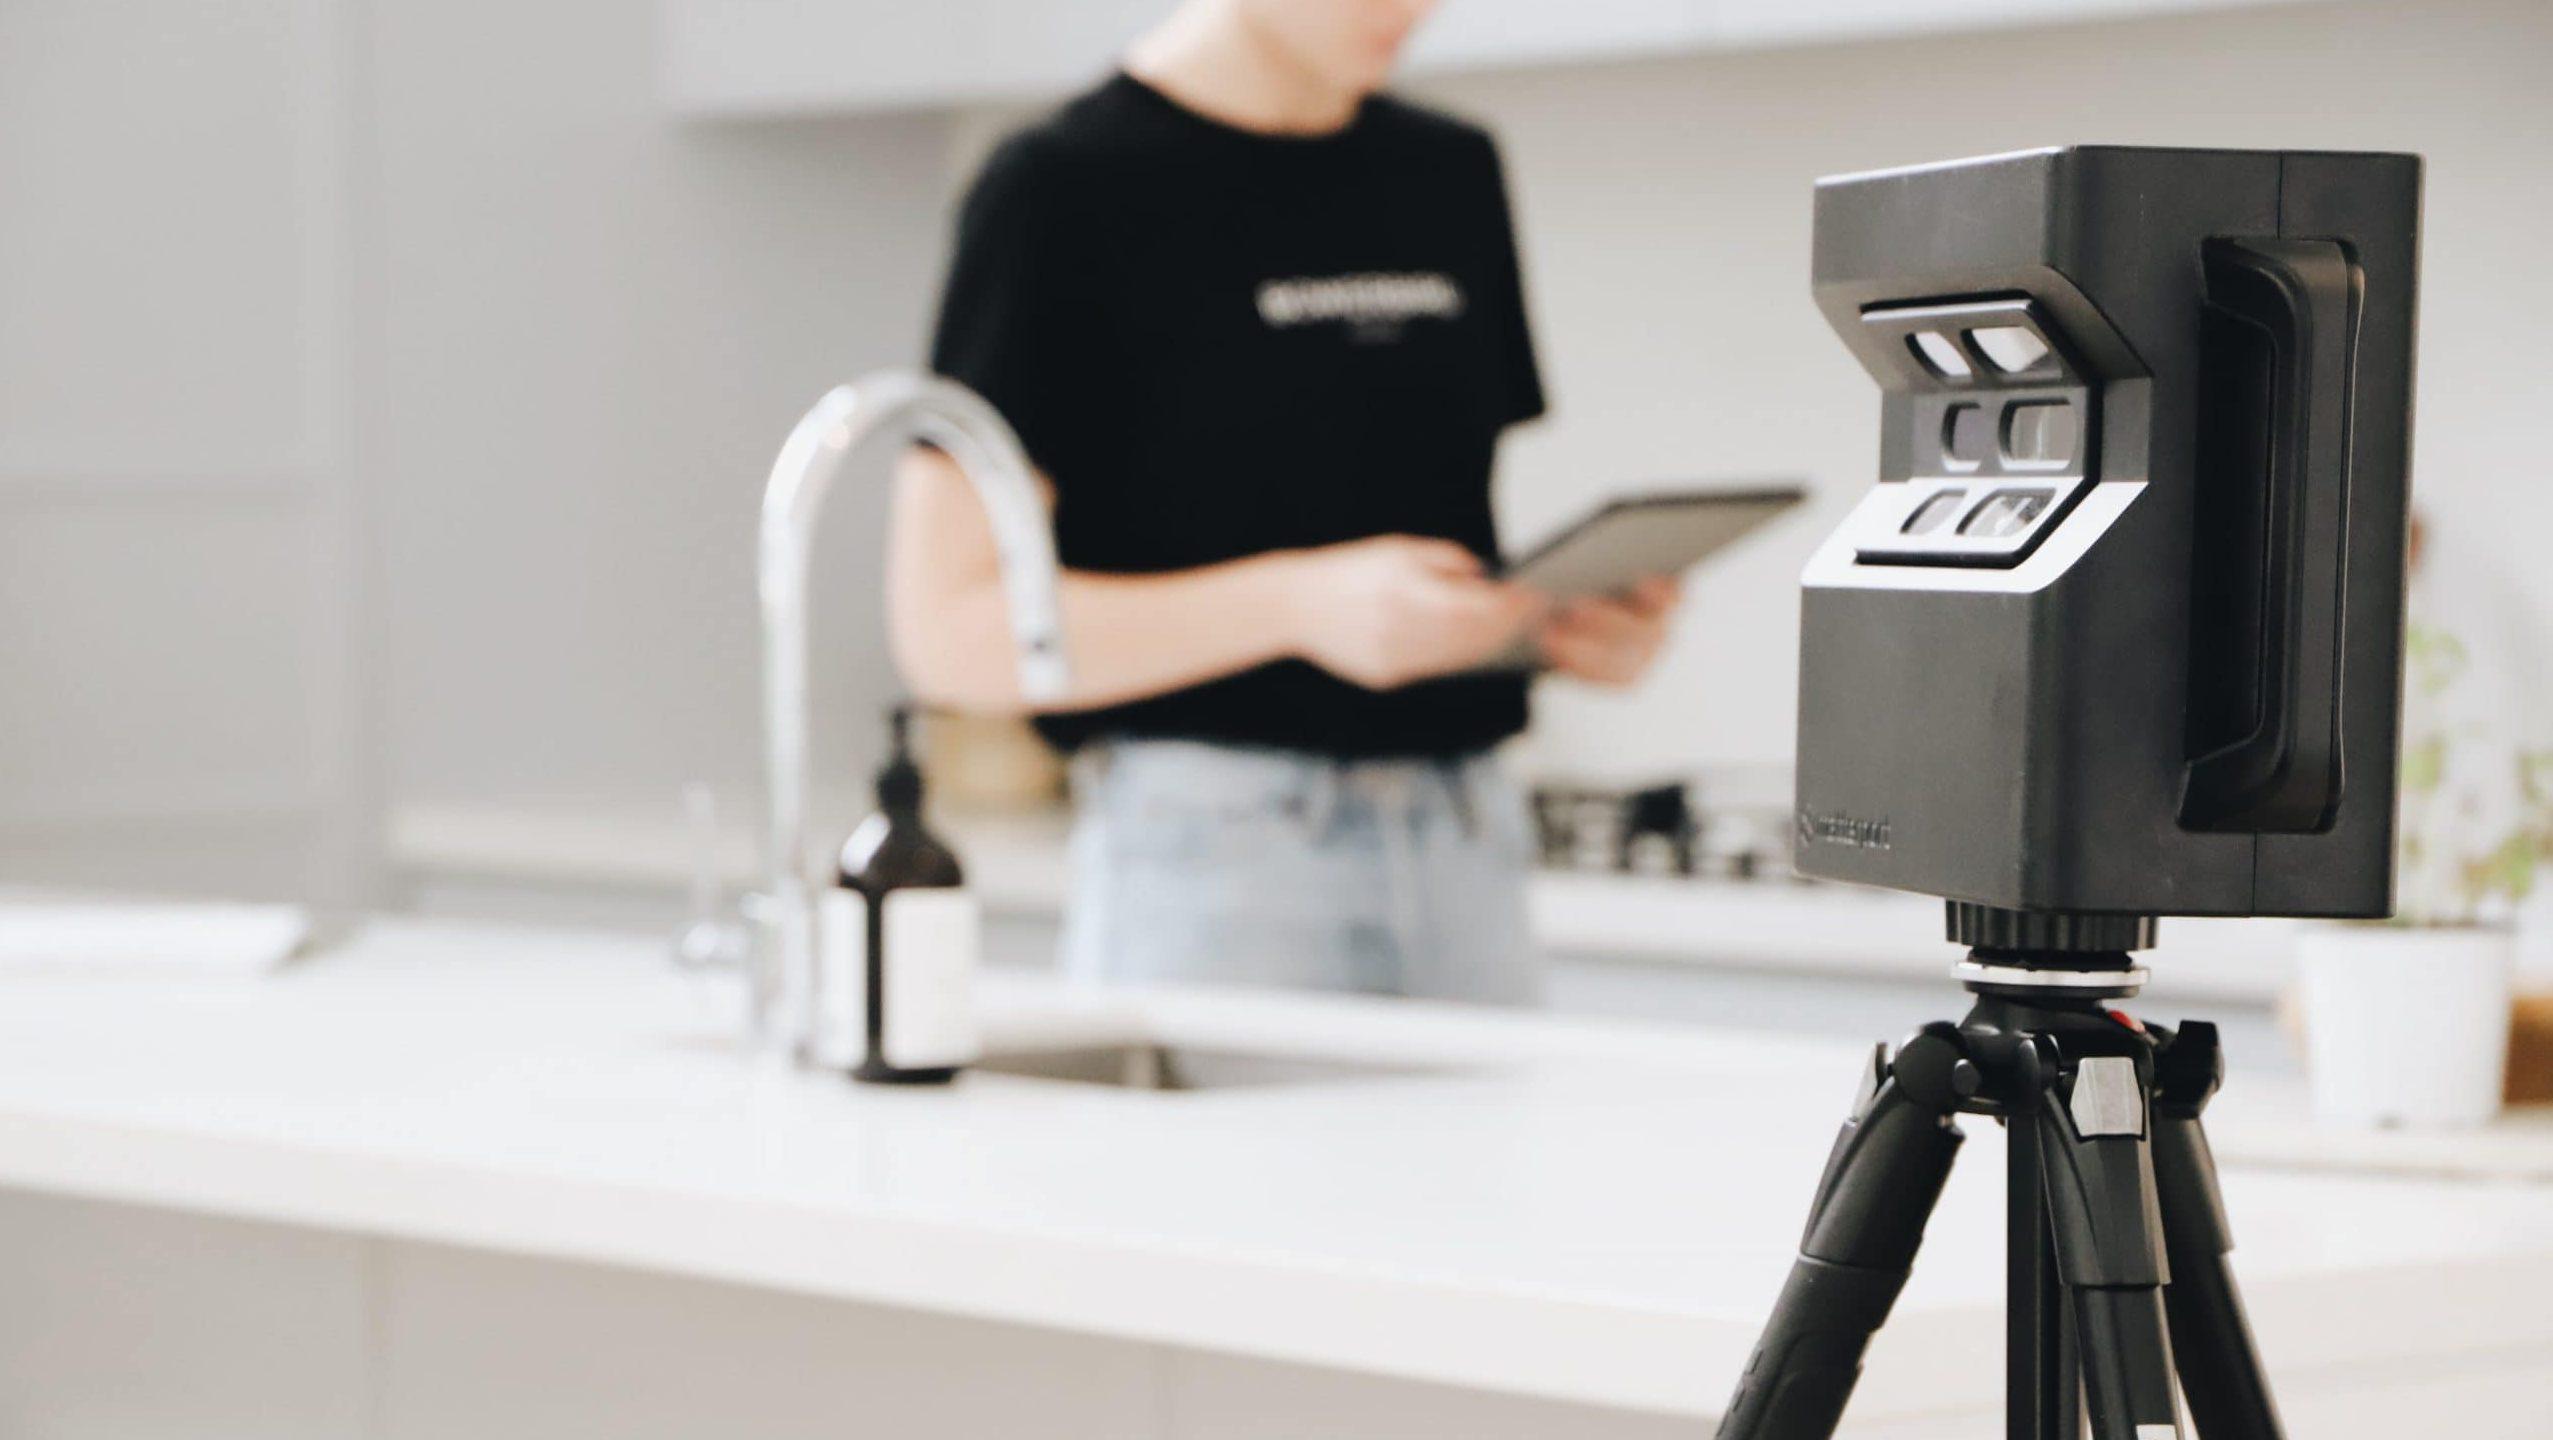 Mattaport 3D Camera